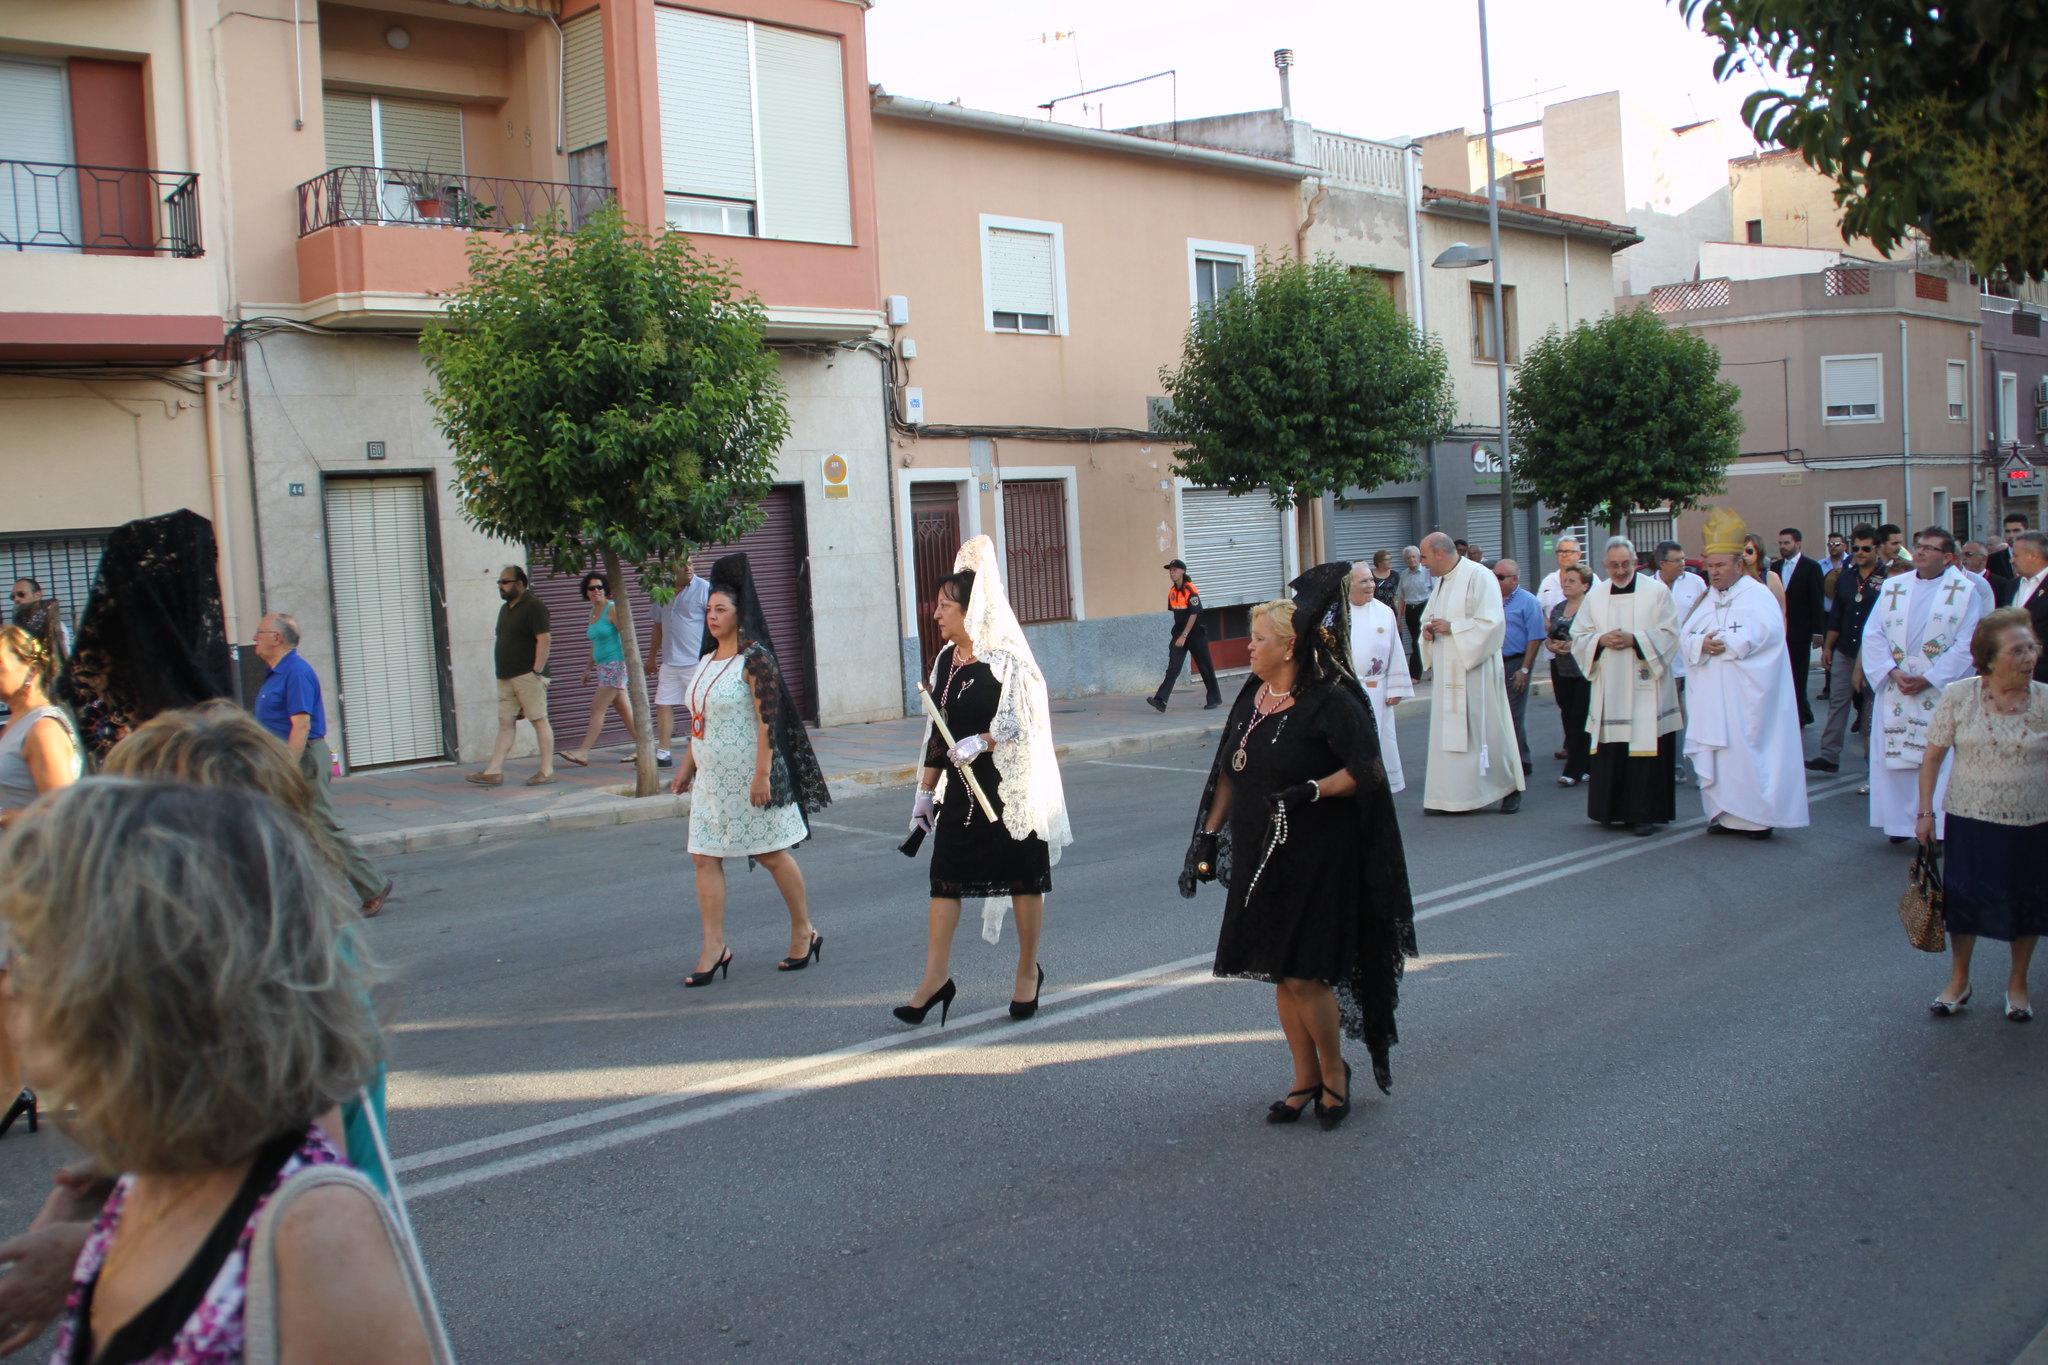 (2015-07-12) - Virgen del Carmen, parroquia La Santa Cruz - Javier Romero Ripoll (24)